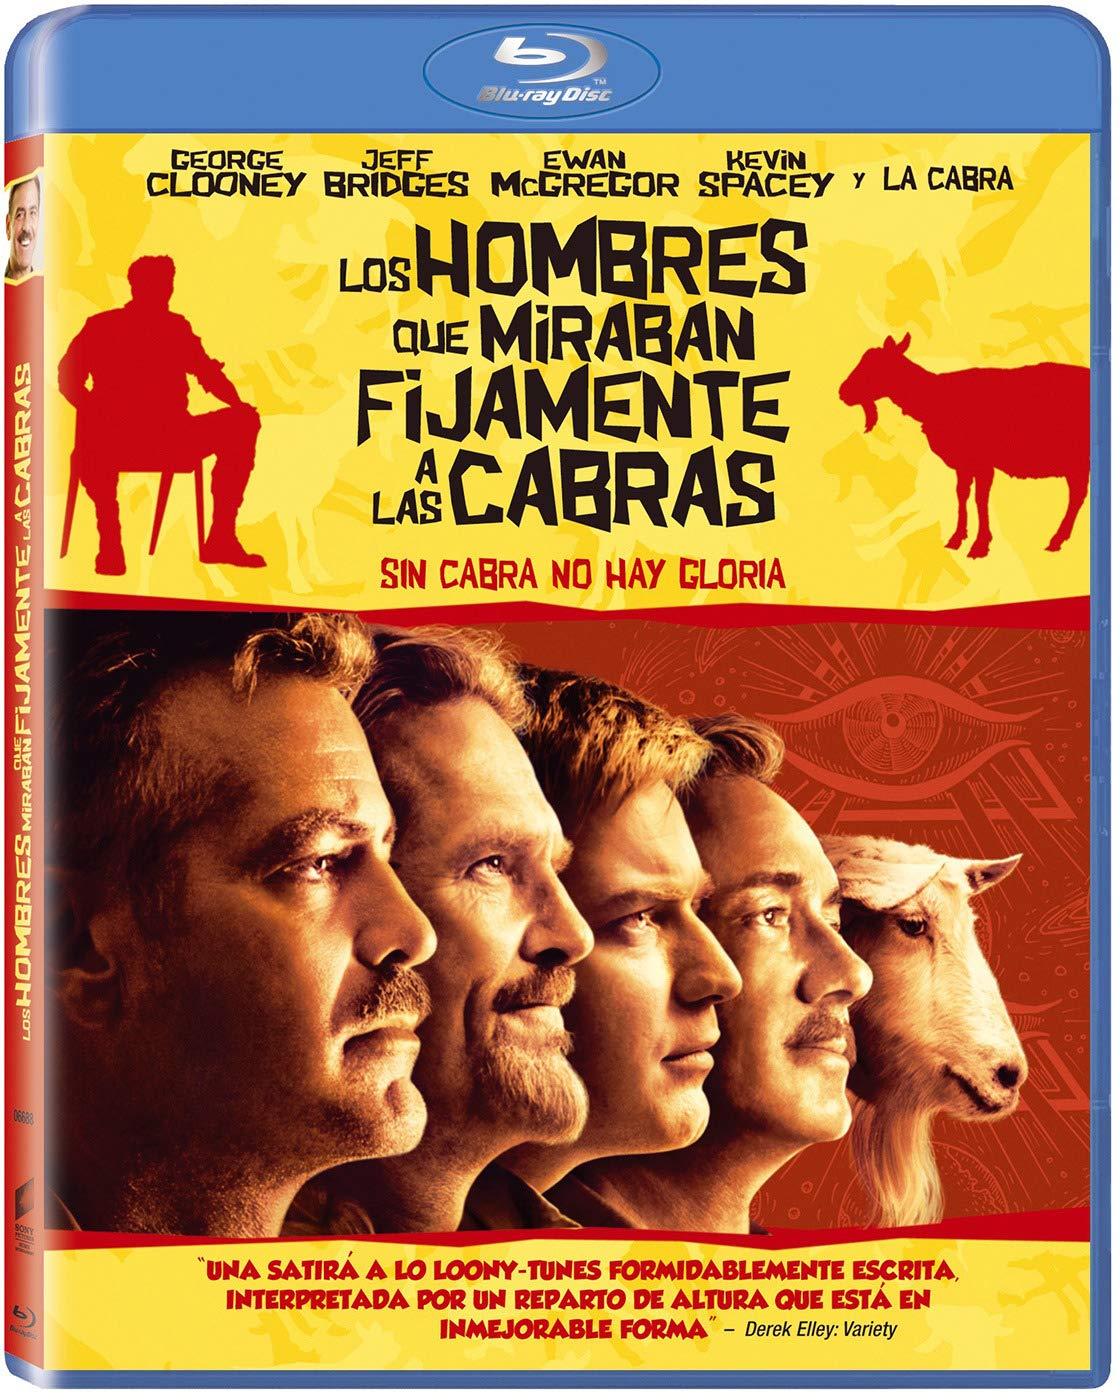 Los Hombres Que Miraban Fijamente A Las Cabras - Bd [Blu-ray]